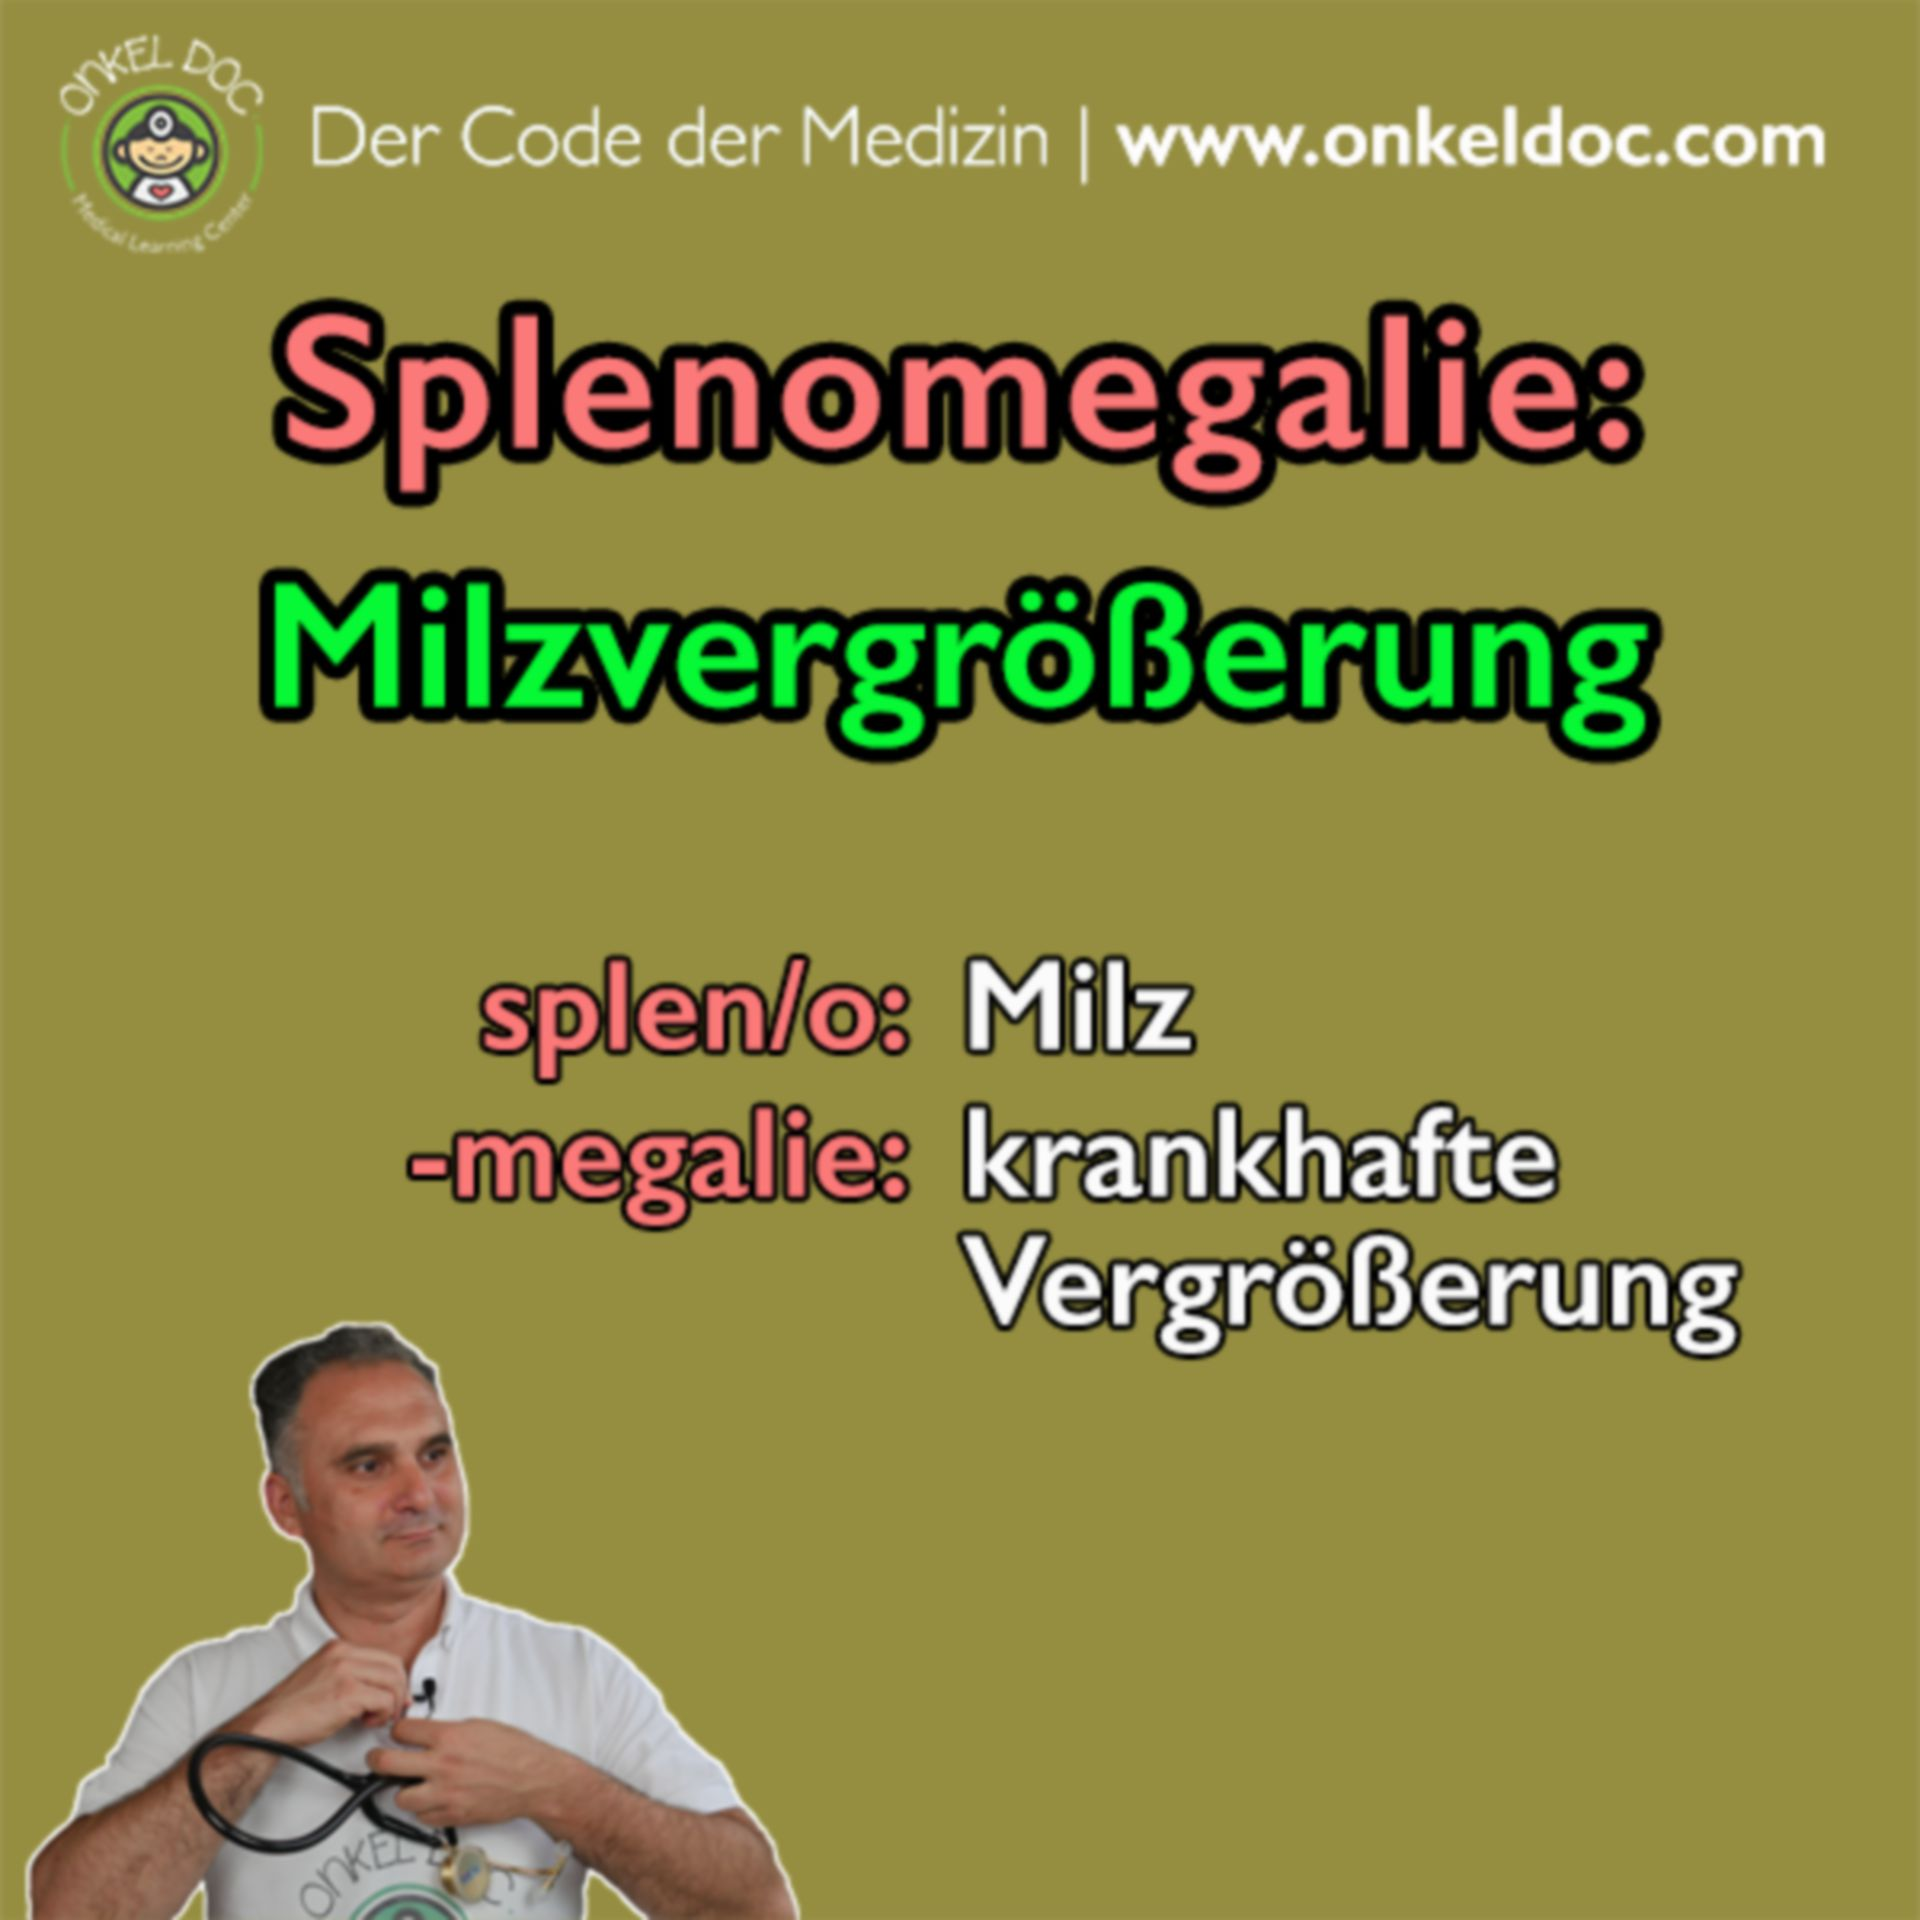 Der Code der Splenomegalie